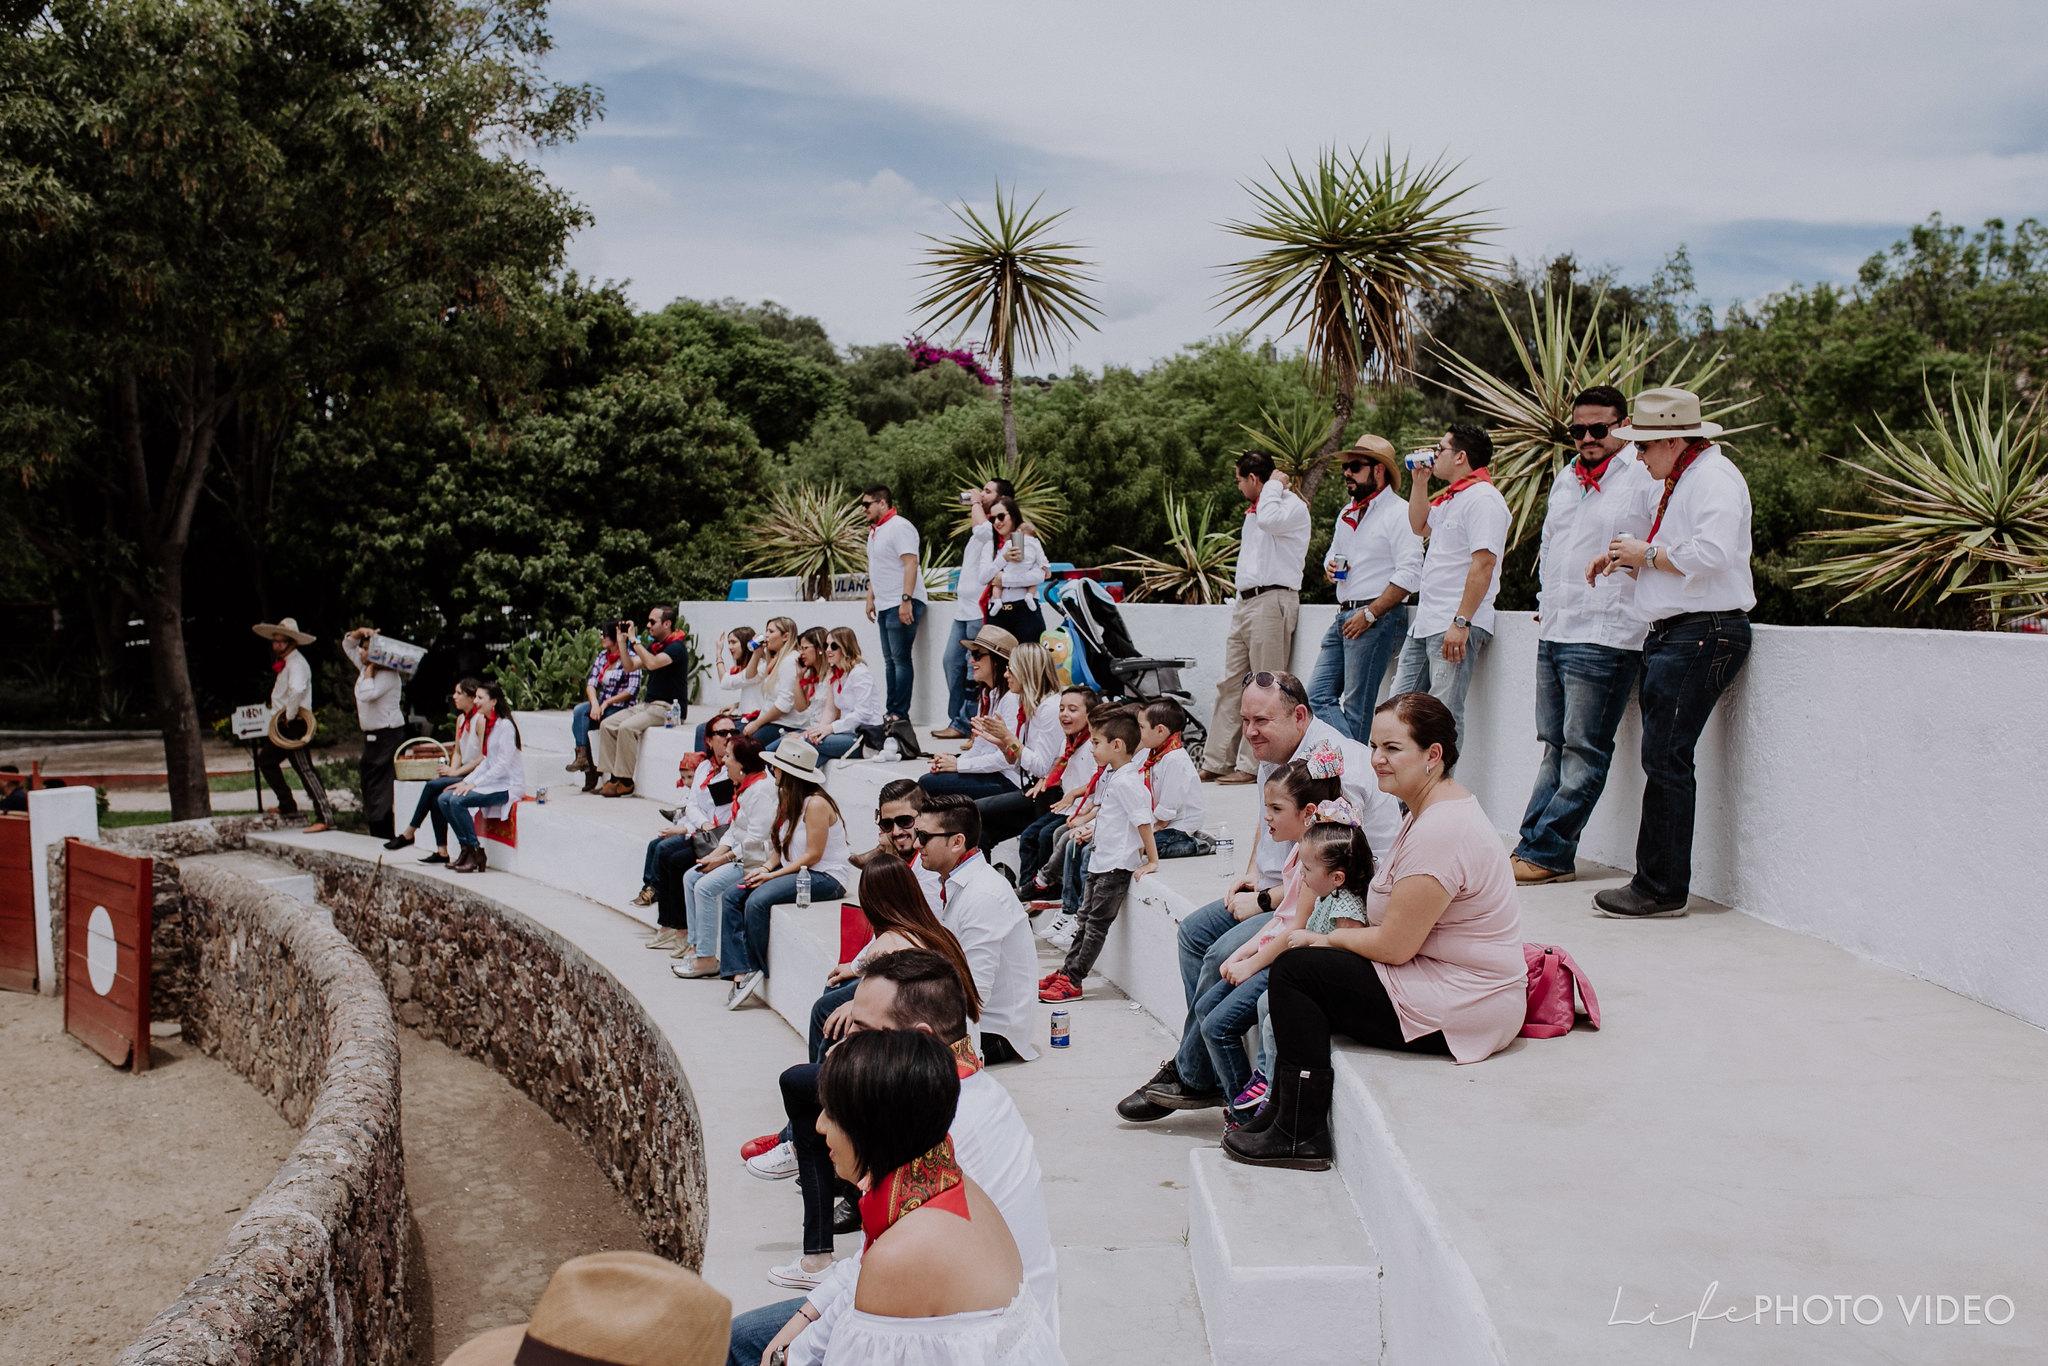 SanMigueldeAllende_Wedding_Callejoneada_Vaquillada_0015